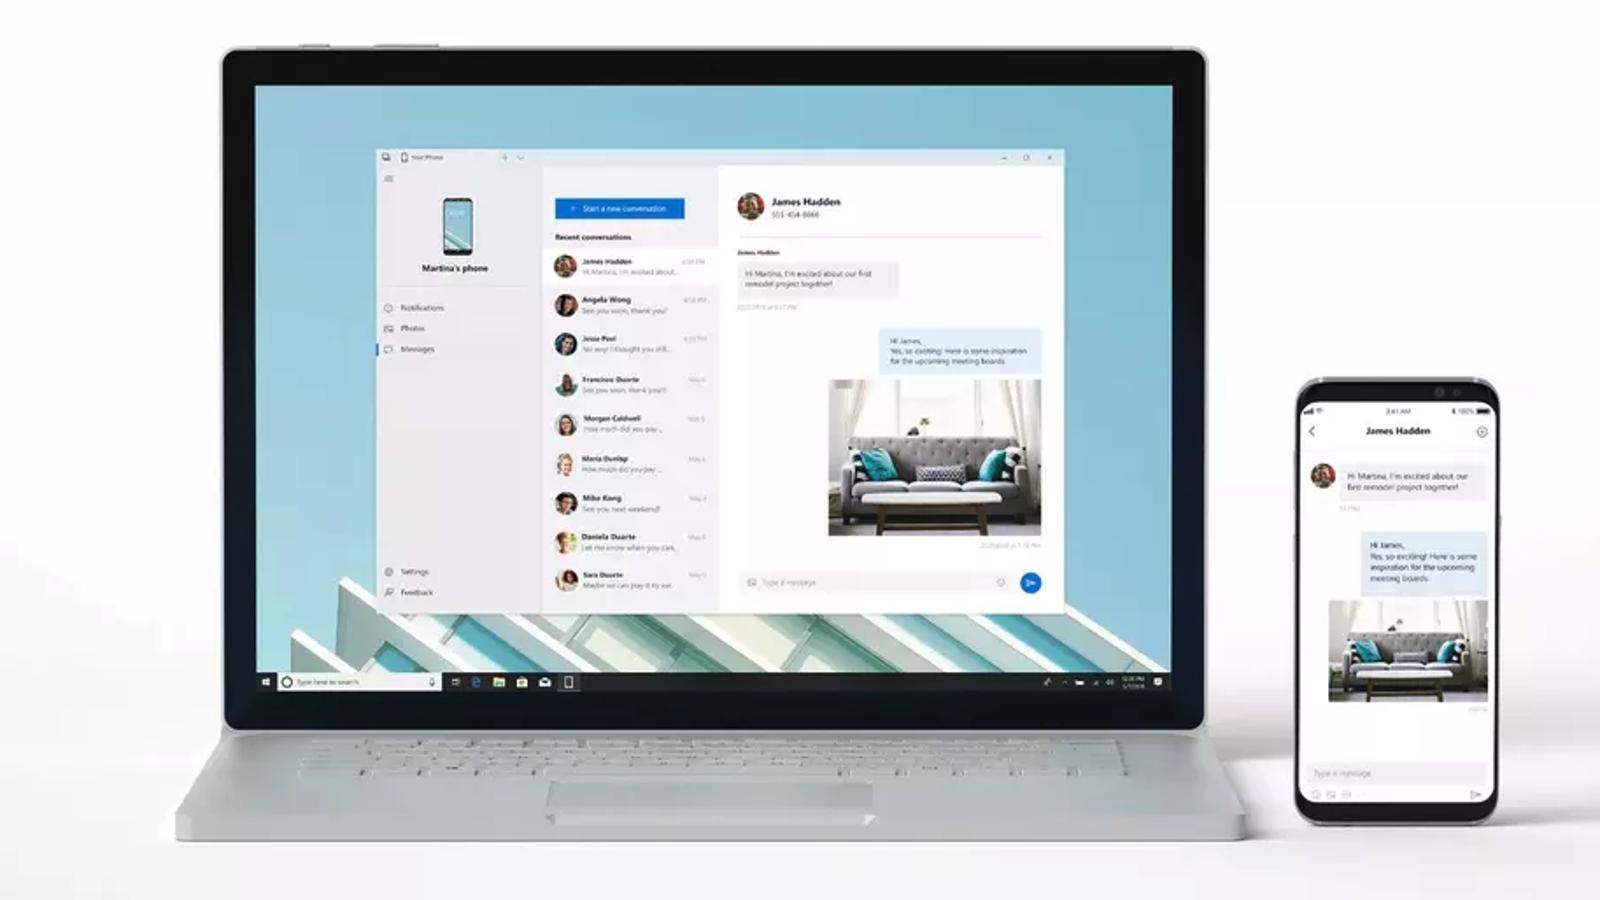 La nueva actualización de Windows 10 ya está aquí, y permite controlar tu móvil desde el PC